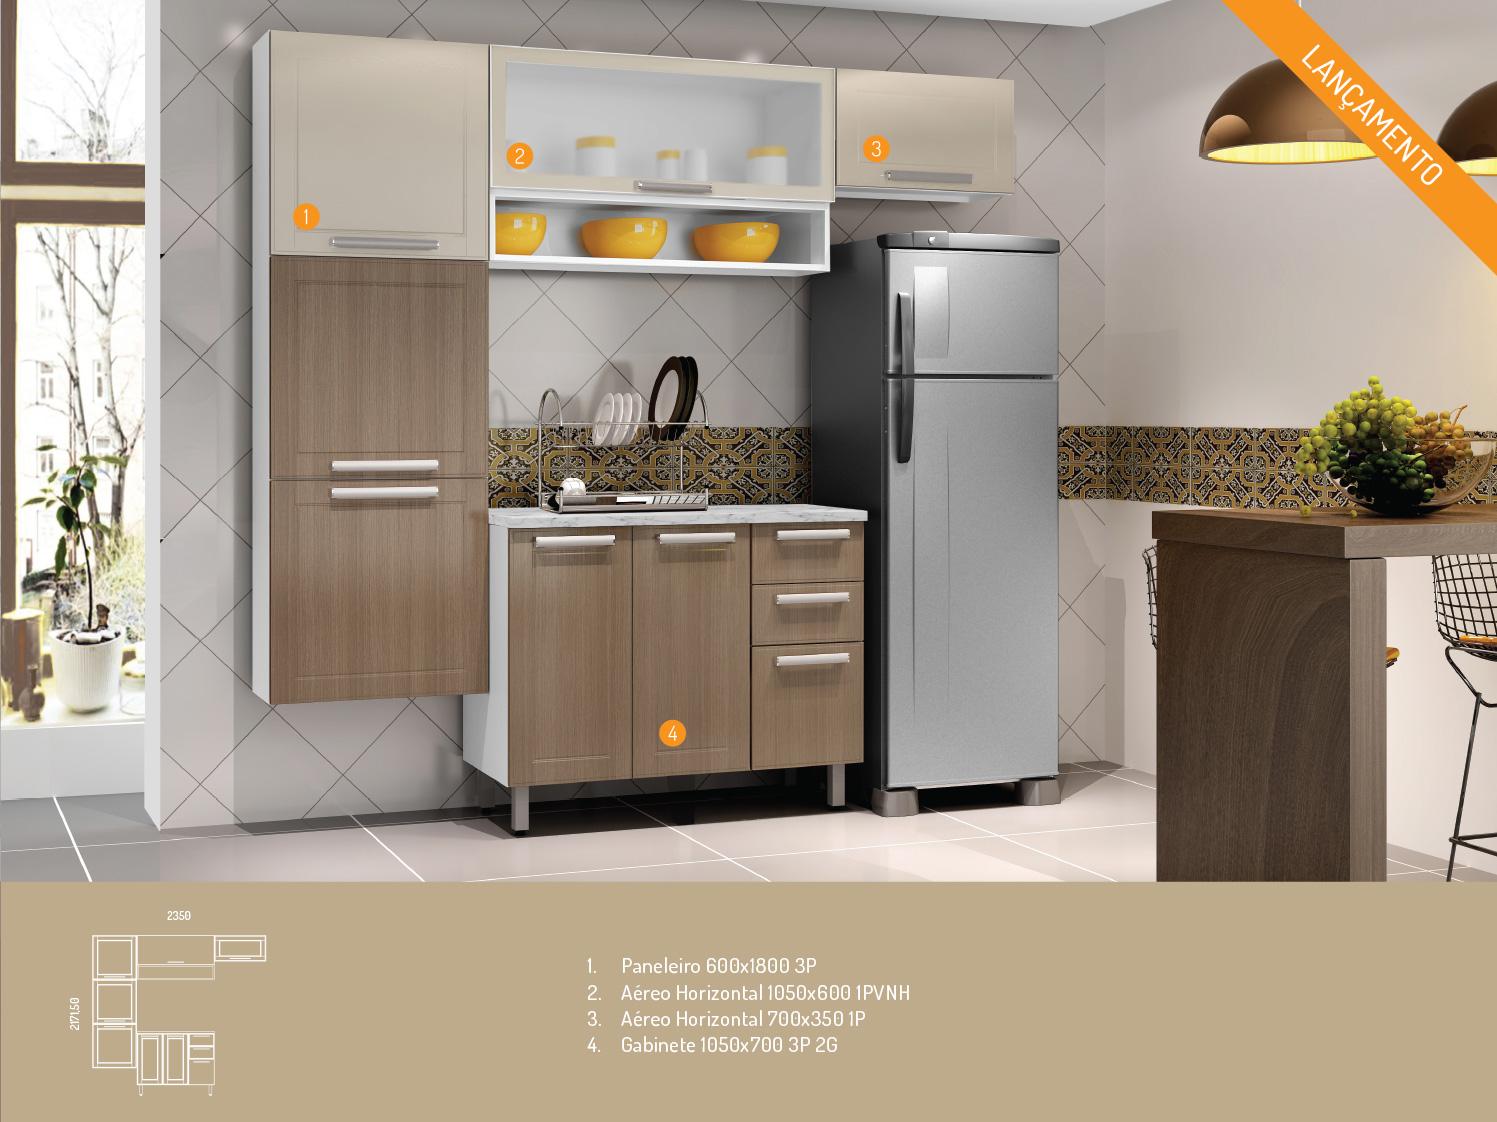 Armario Em Aco Ricardo Eletro : Wibamp kit armario de cozinha ricardo eletro